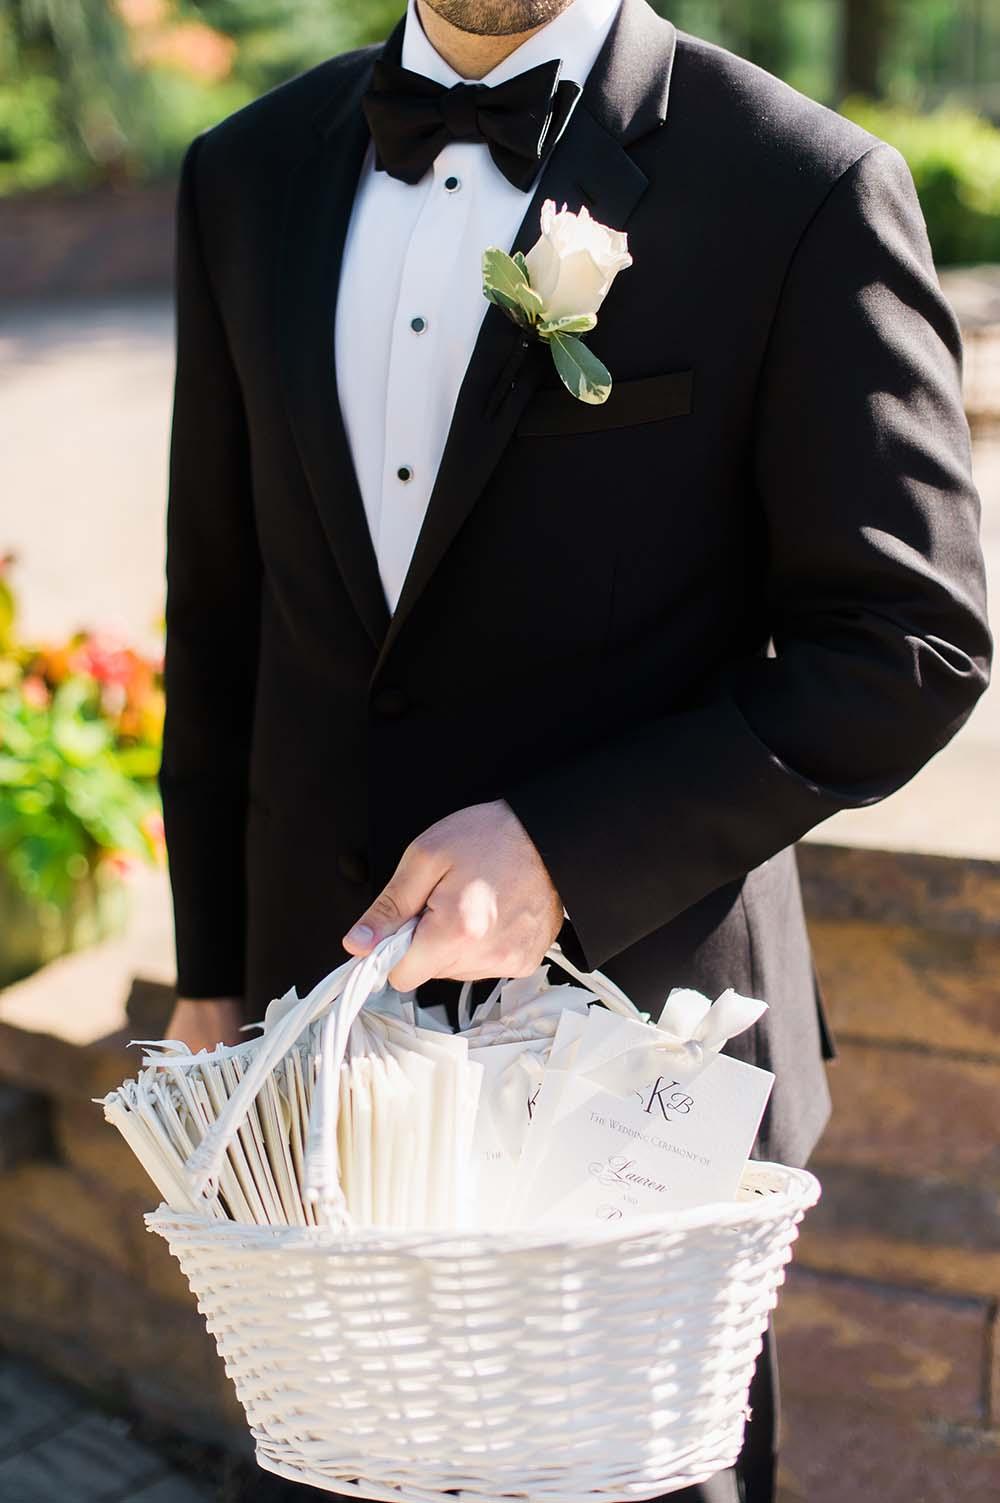 farmington-gardens-wedding-greg-lewis-photography-23